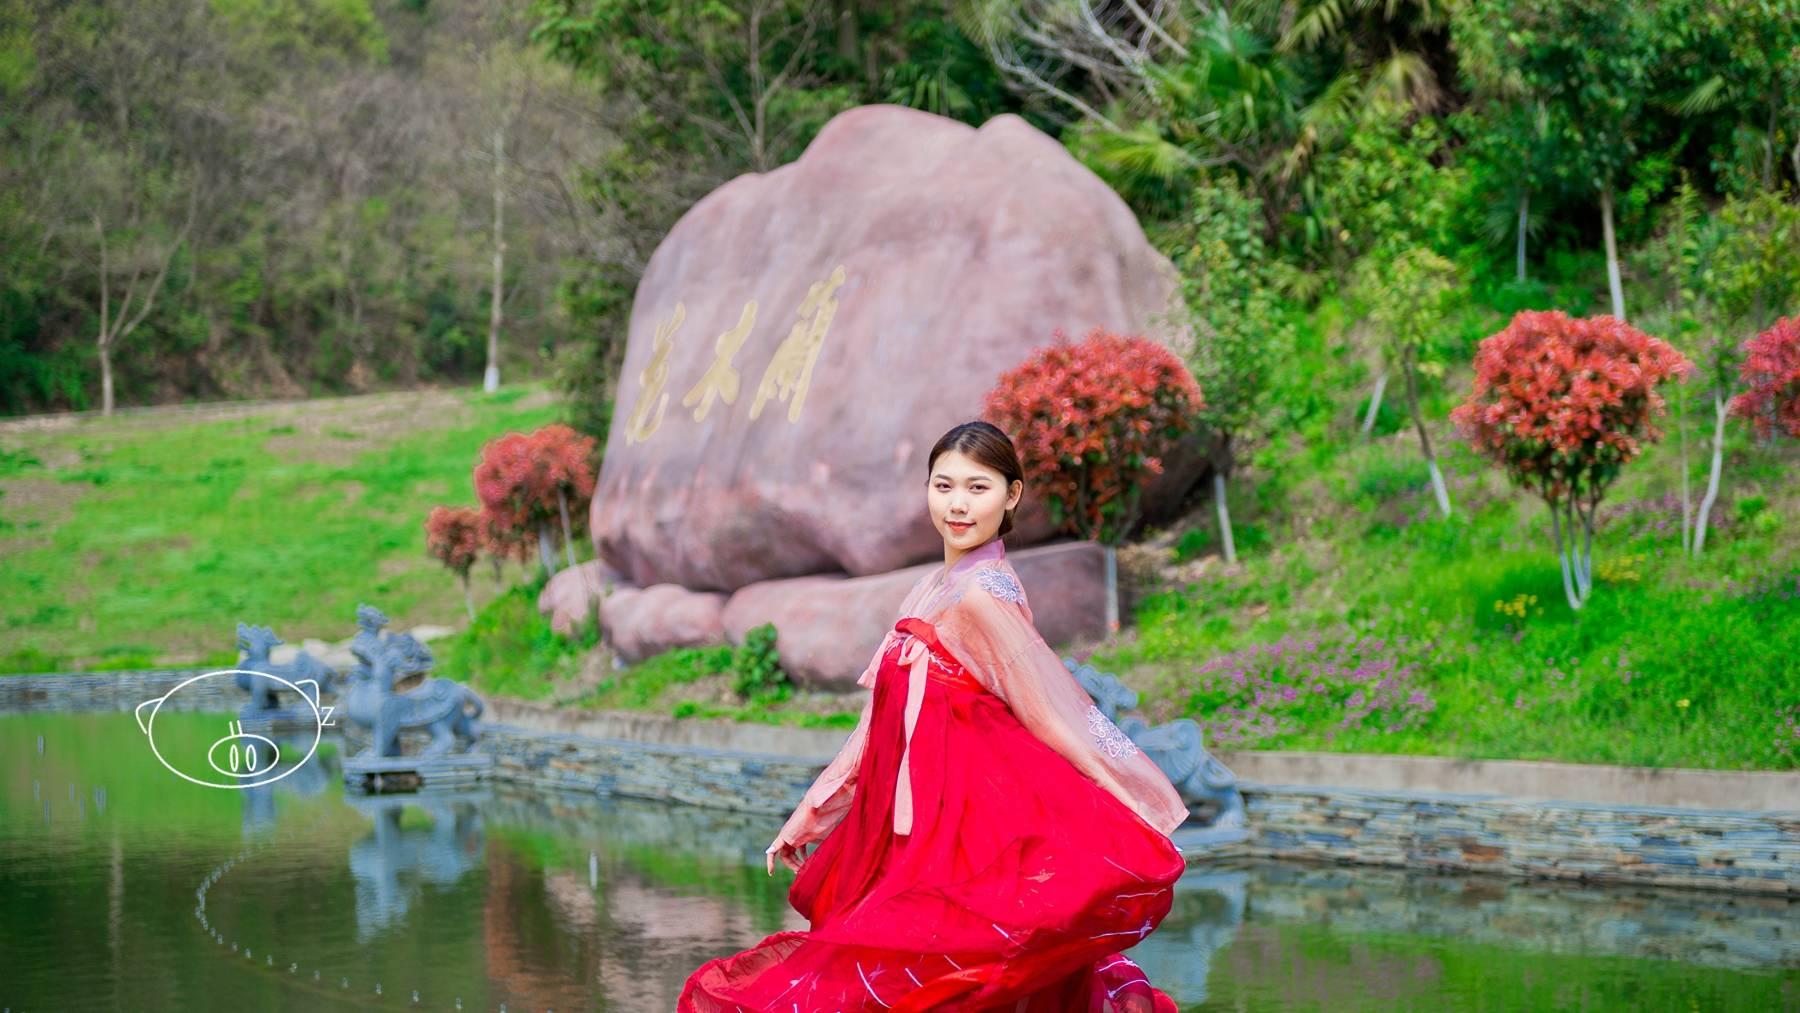 武汉|木兰天池,城市之肺,森林氧吧,亲近自然,花海游船